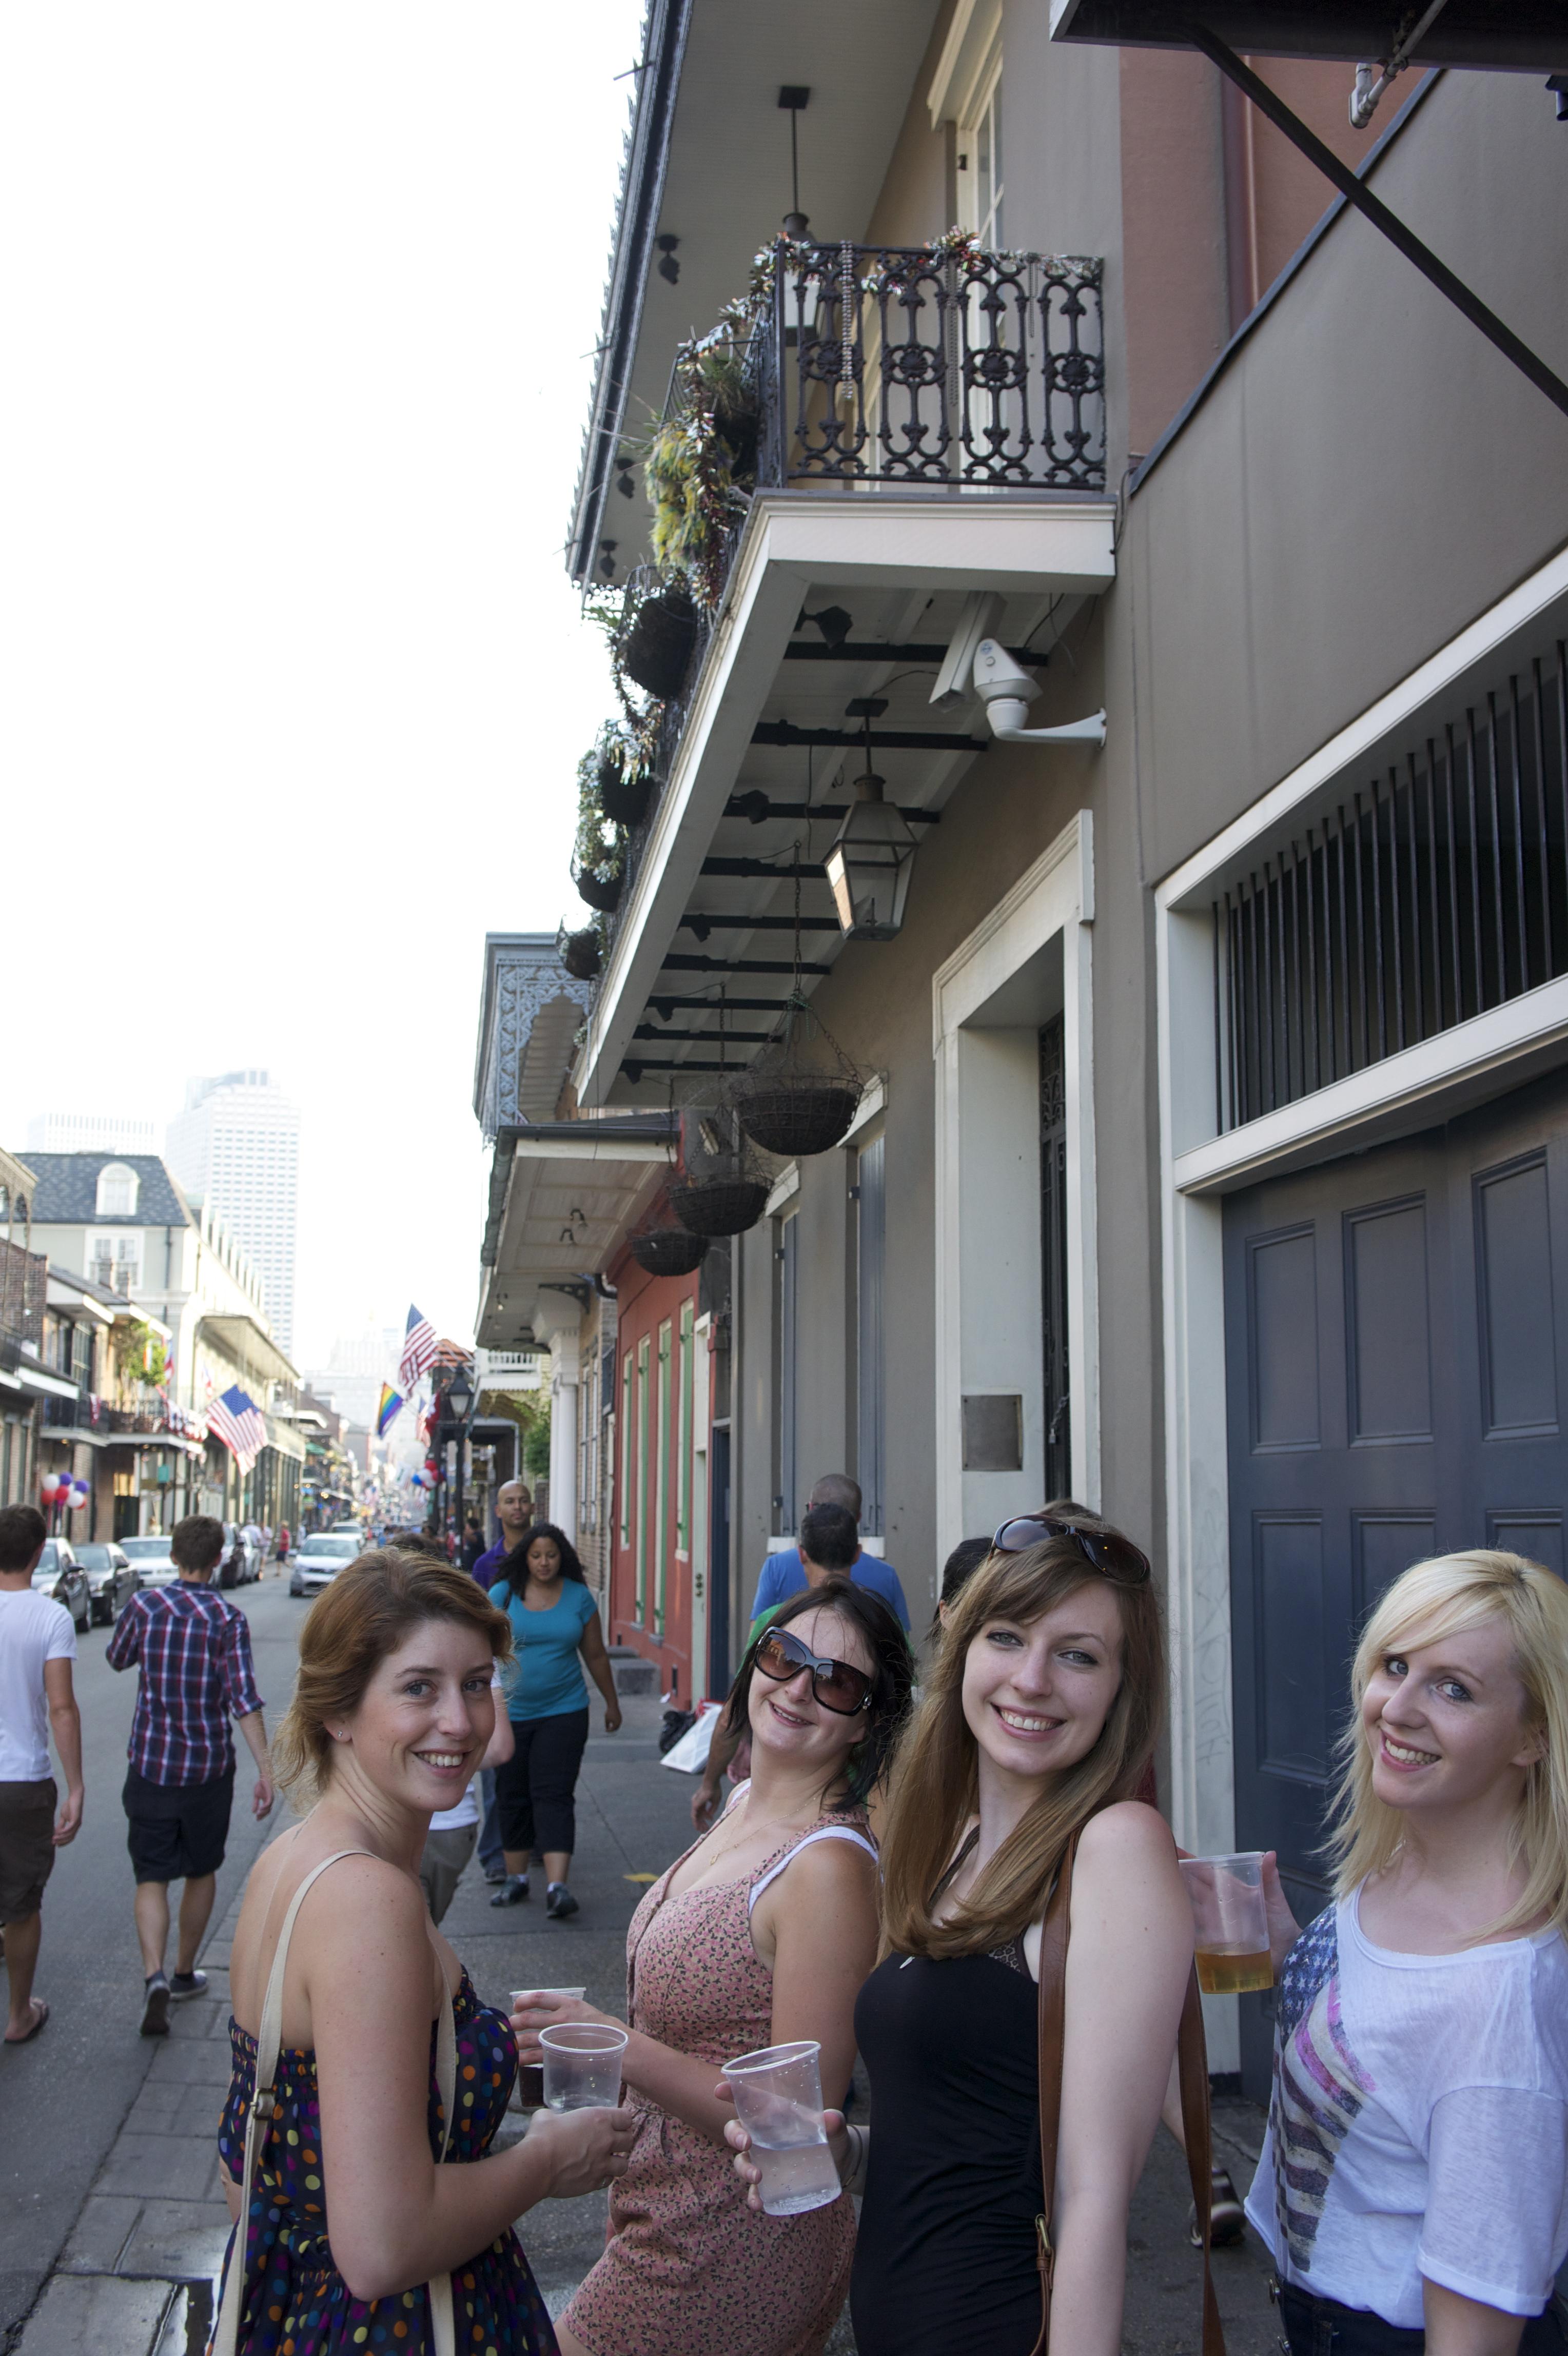 Boobs on bourbon street